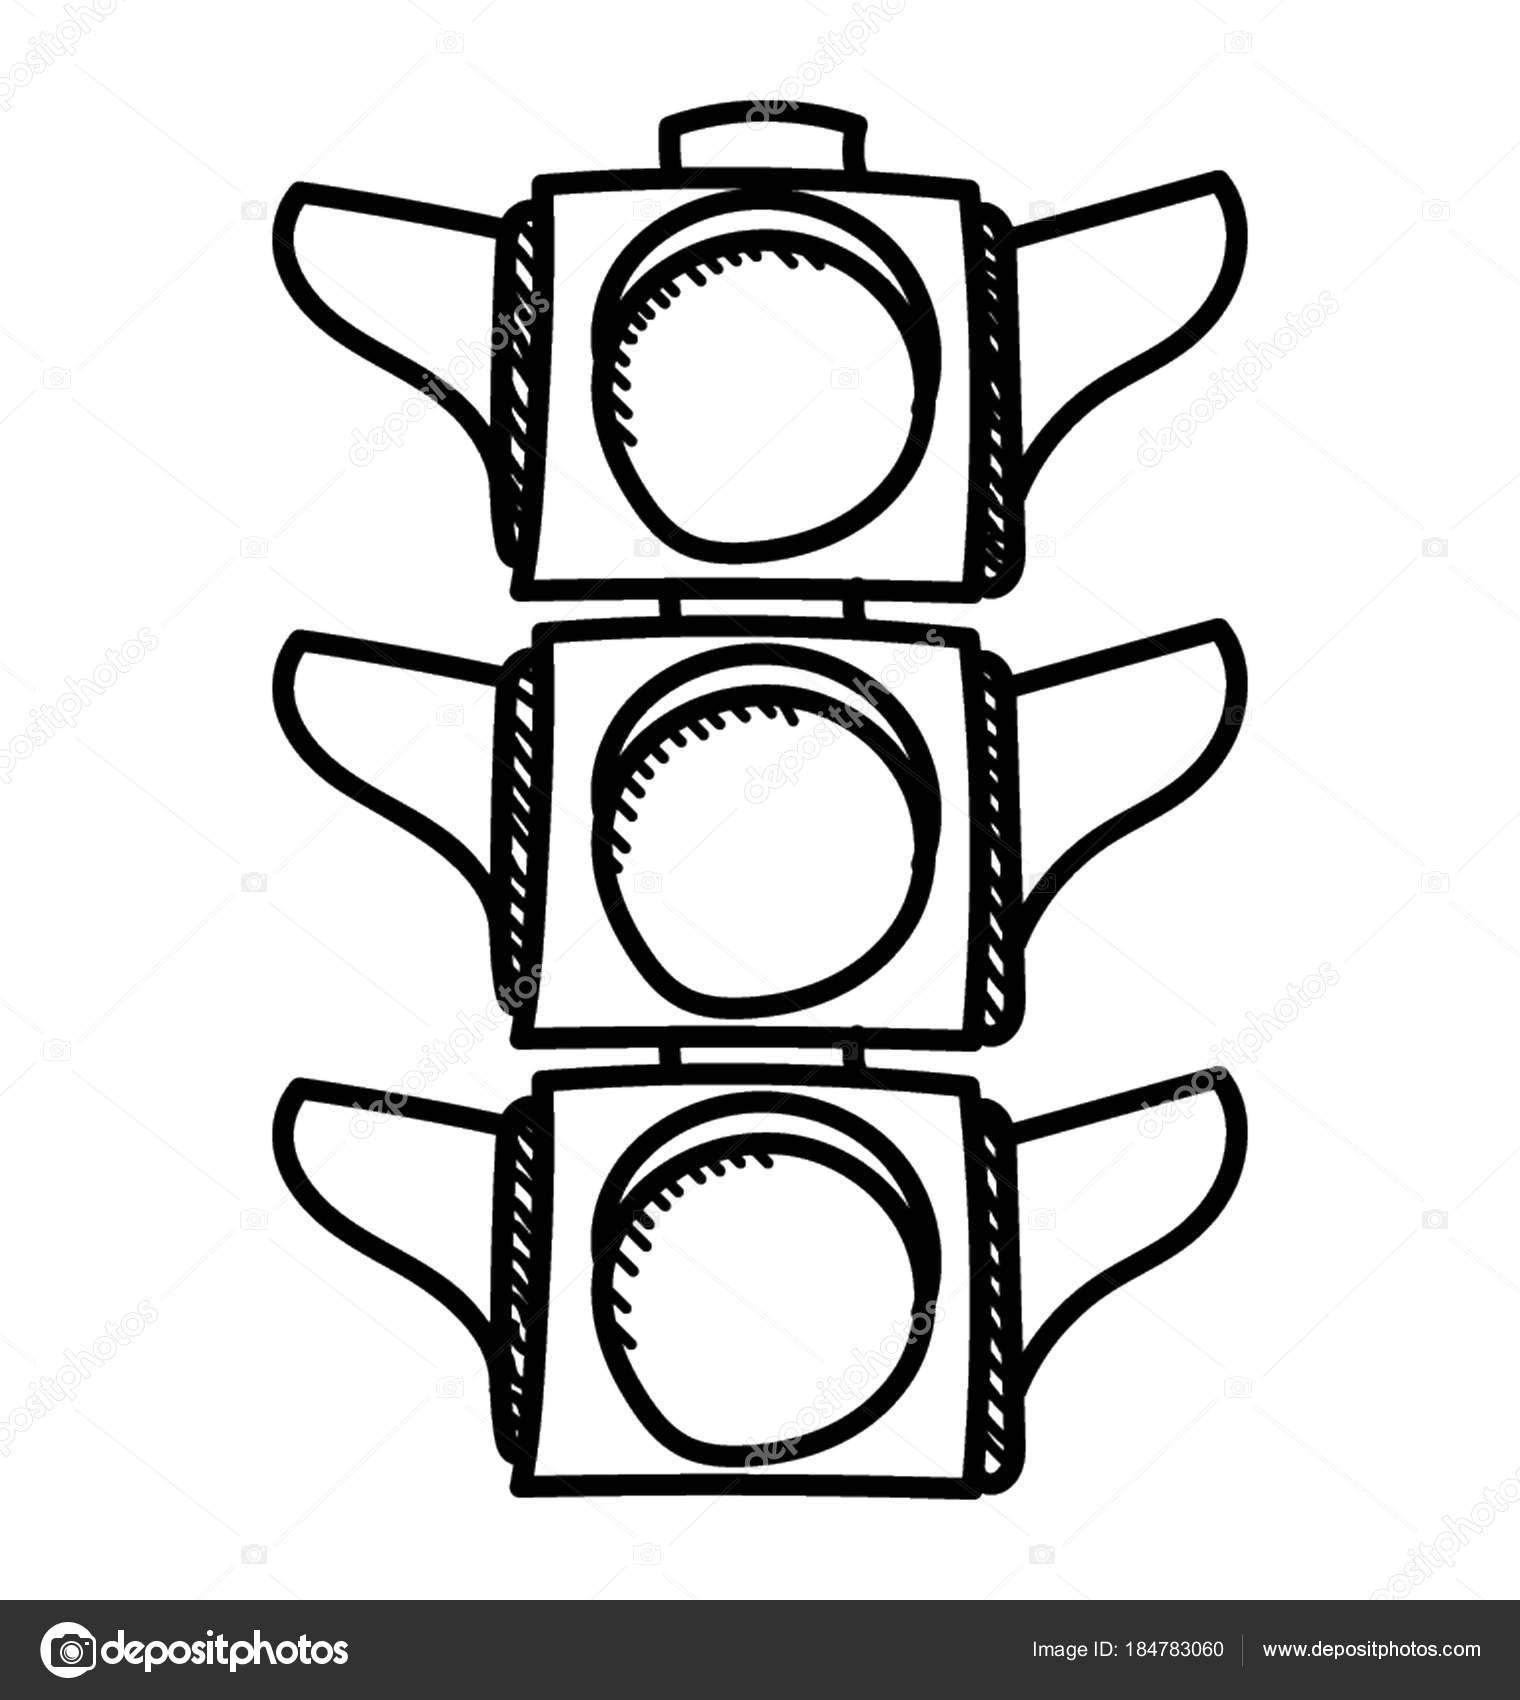 Trafik I Klar Yol Cizilmi Doodle Simgesi Sinyalleri